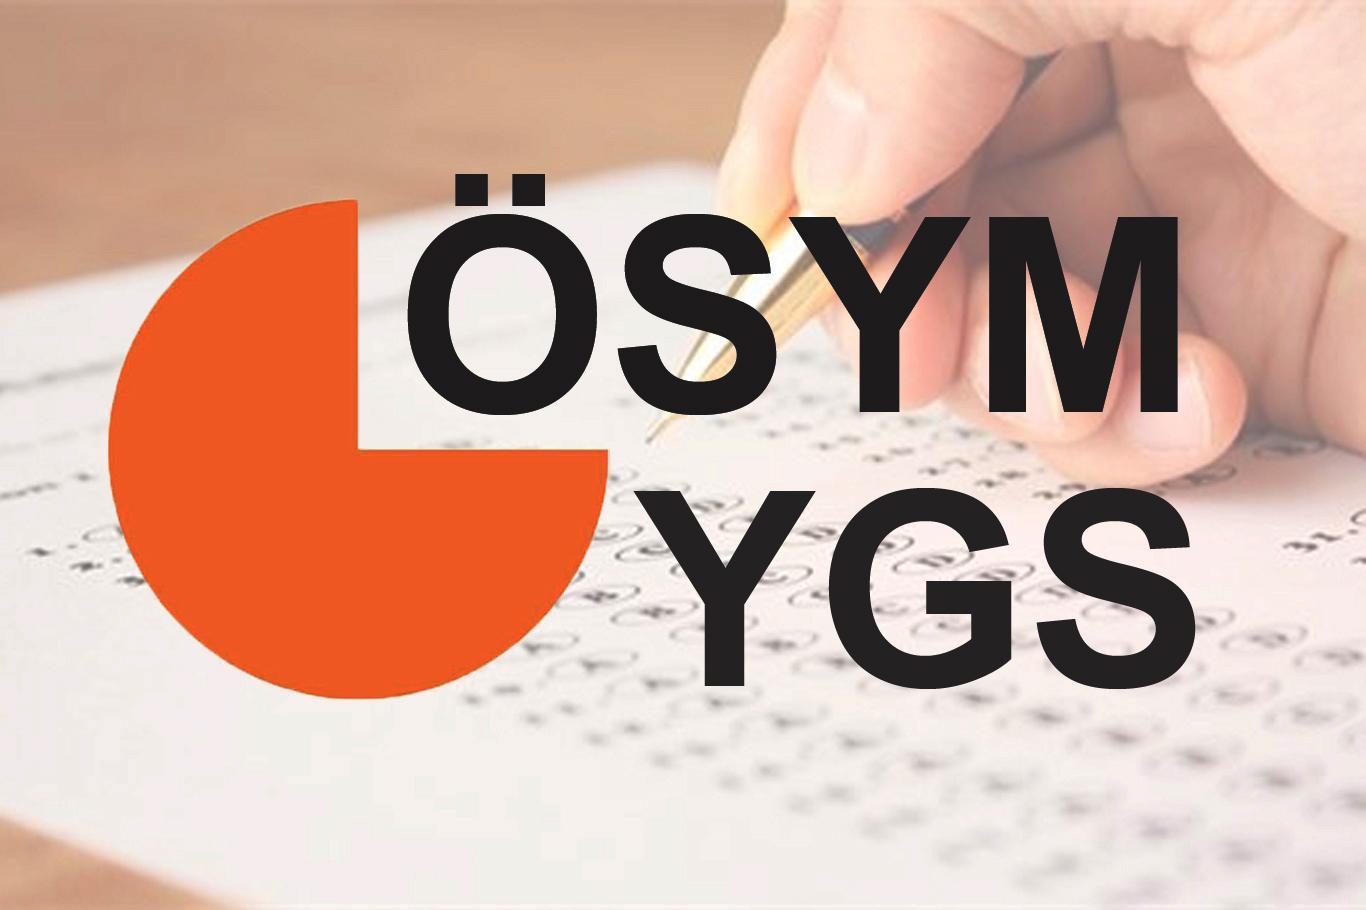 Son dakika! YGS sonuçları açıklandı. Öğrenmek için tıklayınız...